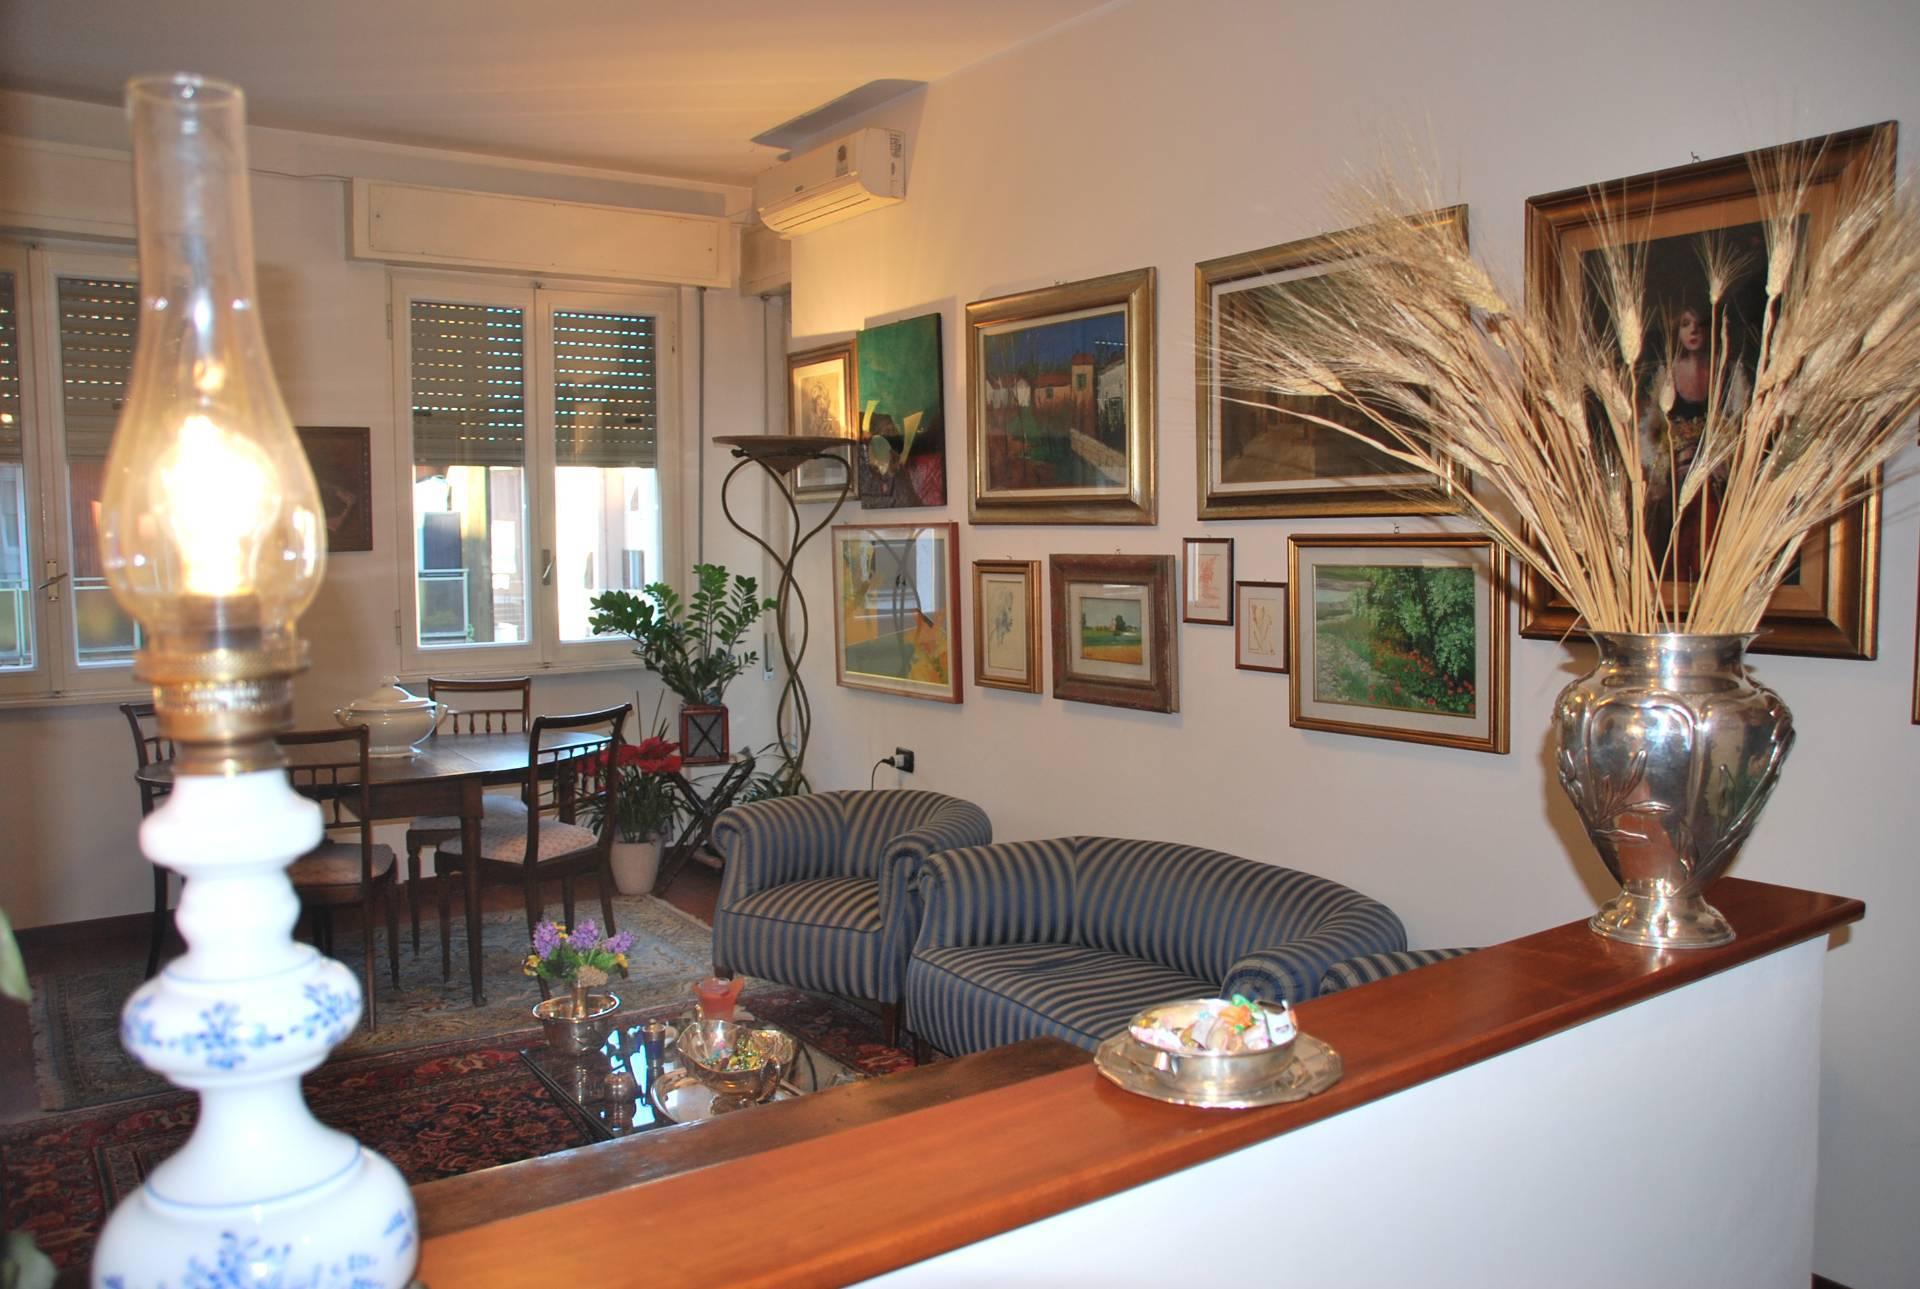 Appartamento in vendita a Legnano, 3 locali, zona Zona: Stazione, prezzo € 165.000   CambioCasa.it